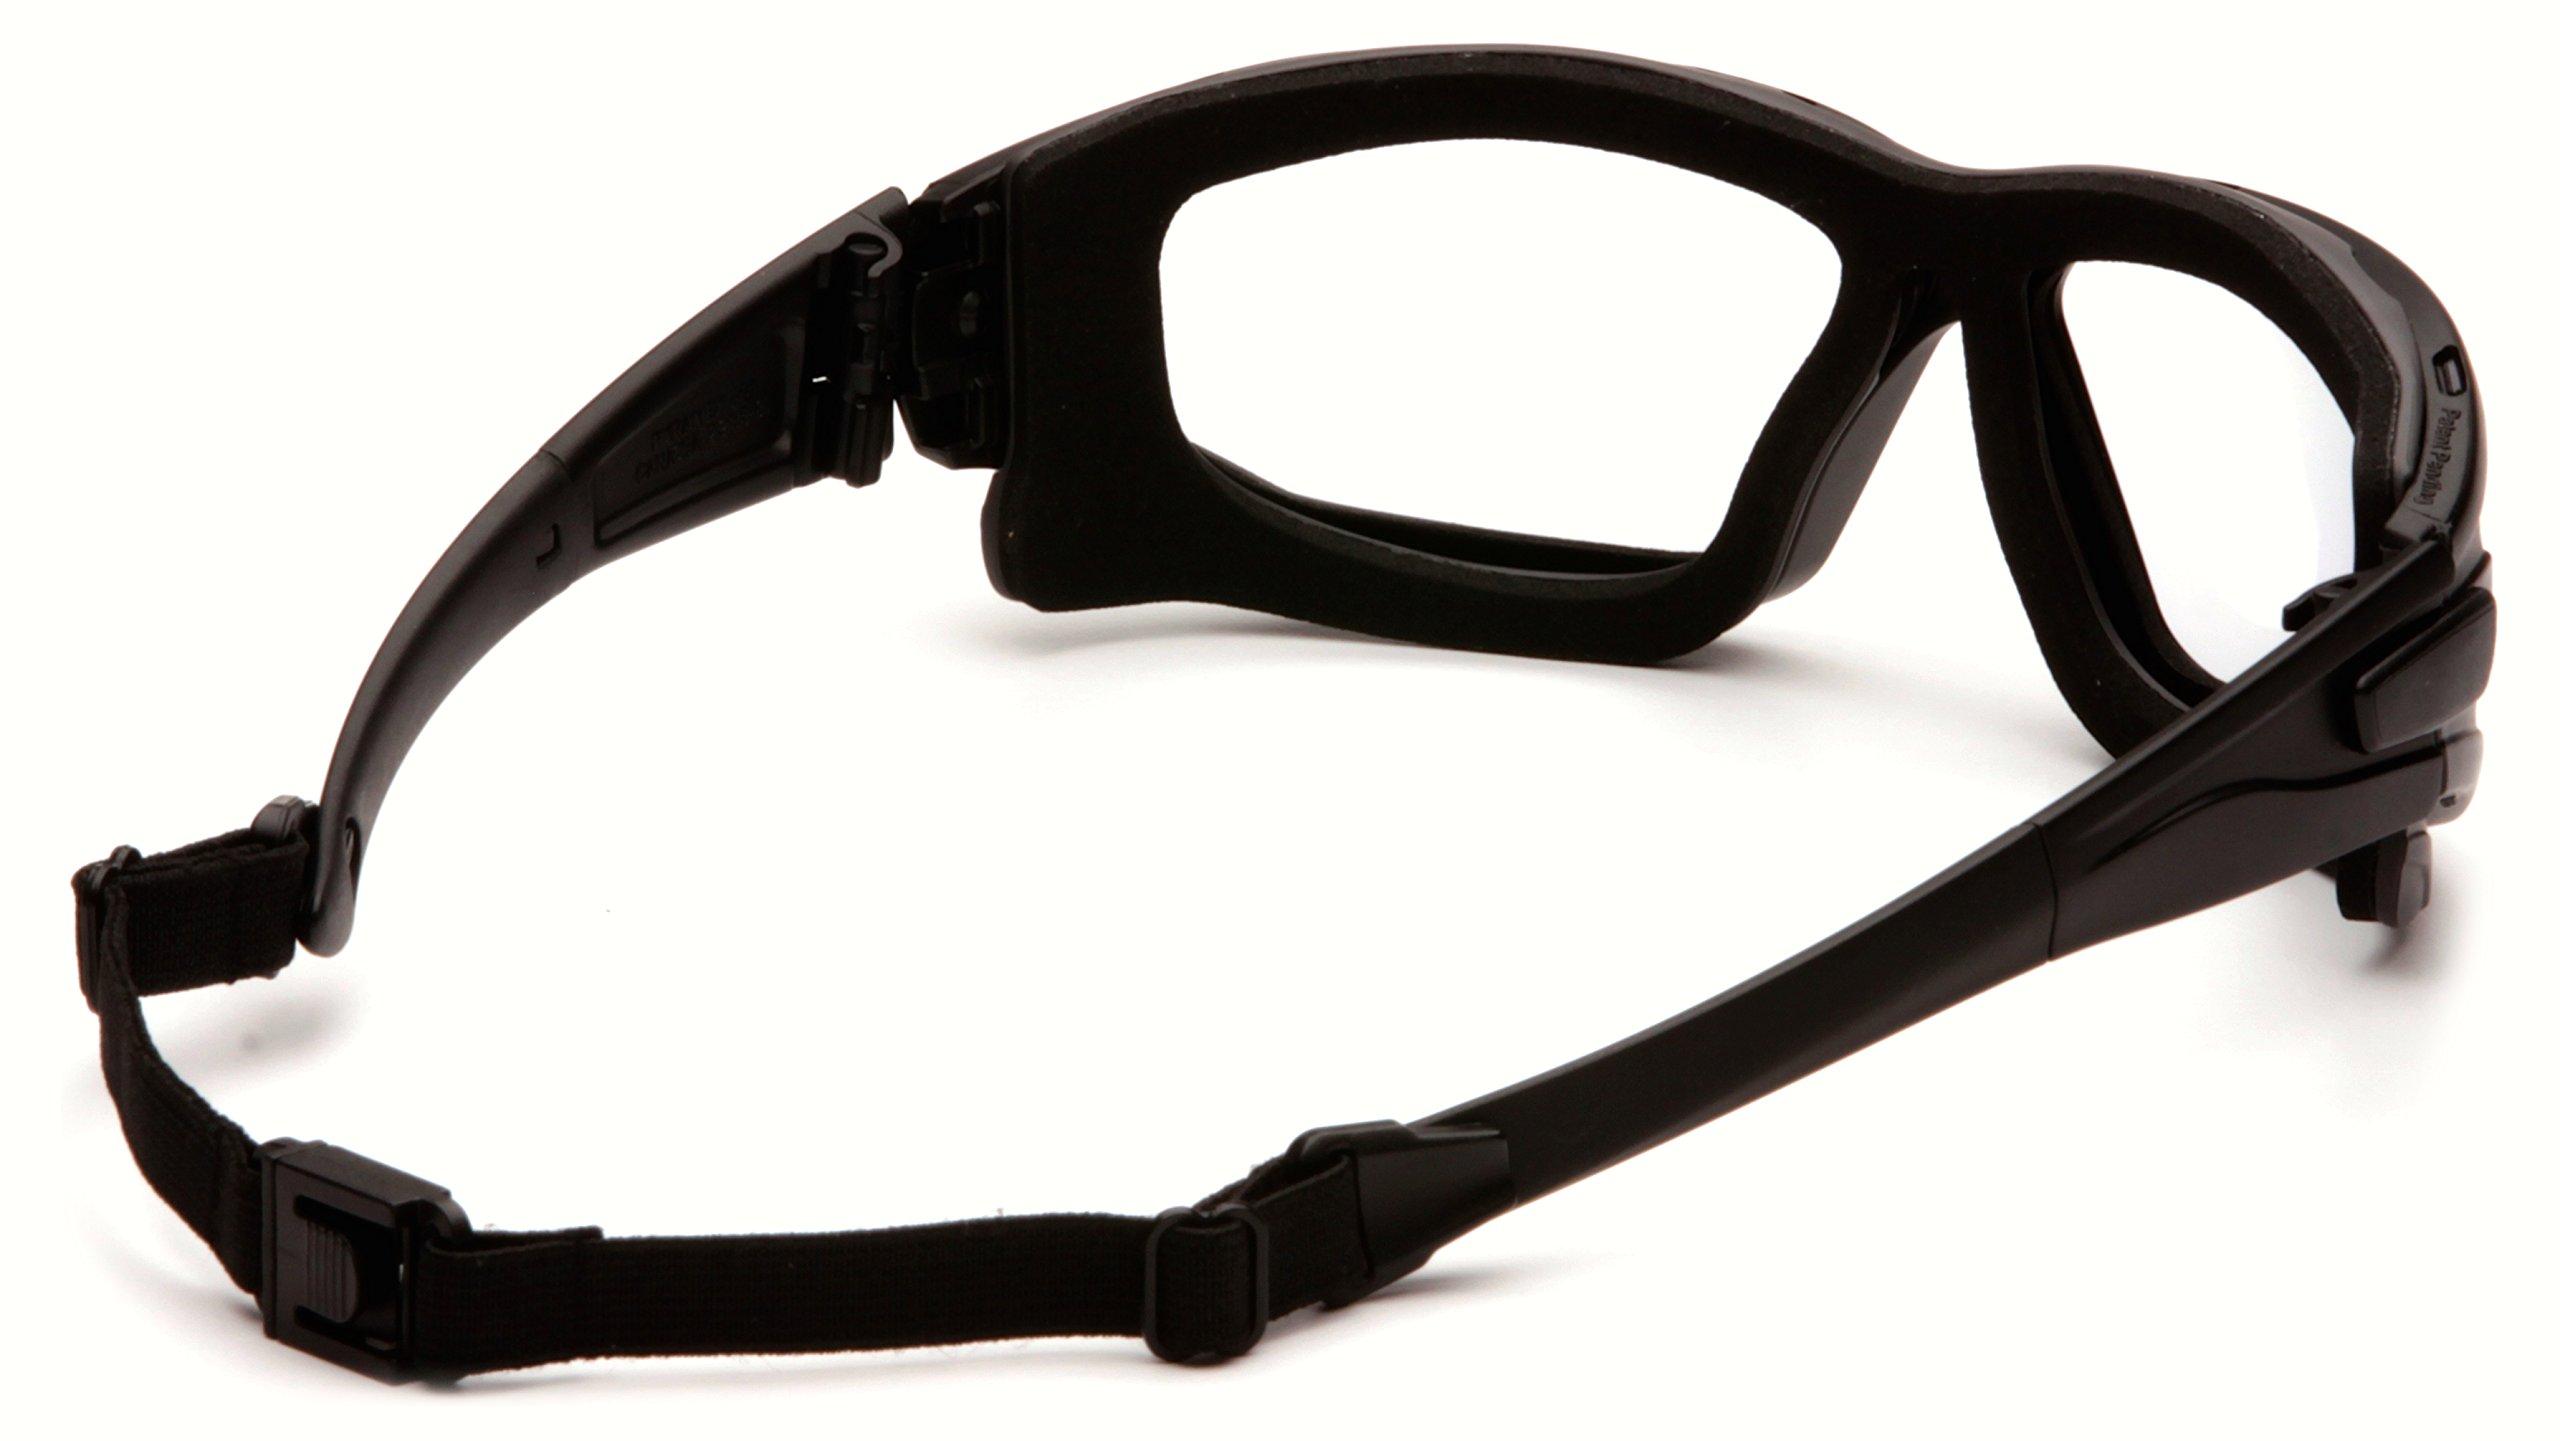 Pyramex I-Force Sporty Dual Pane  Anti-Fog Goggle, Black Frame/Clear Anti-Fog Lens by Pyramex Safety (Image #2)